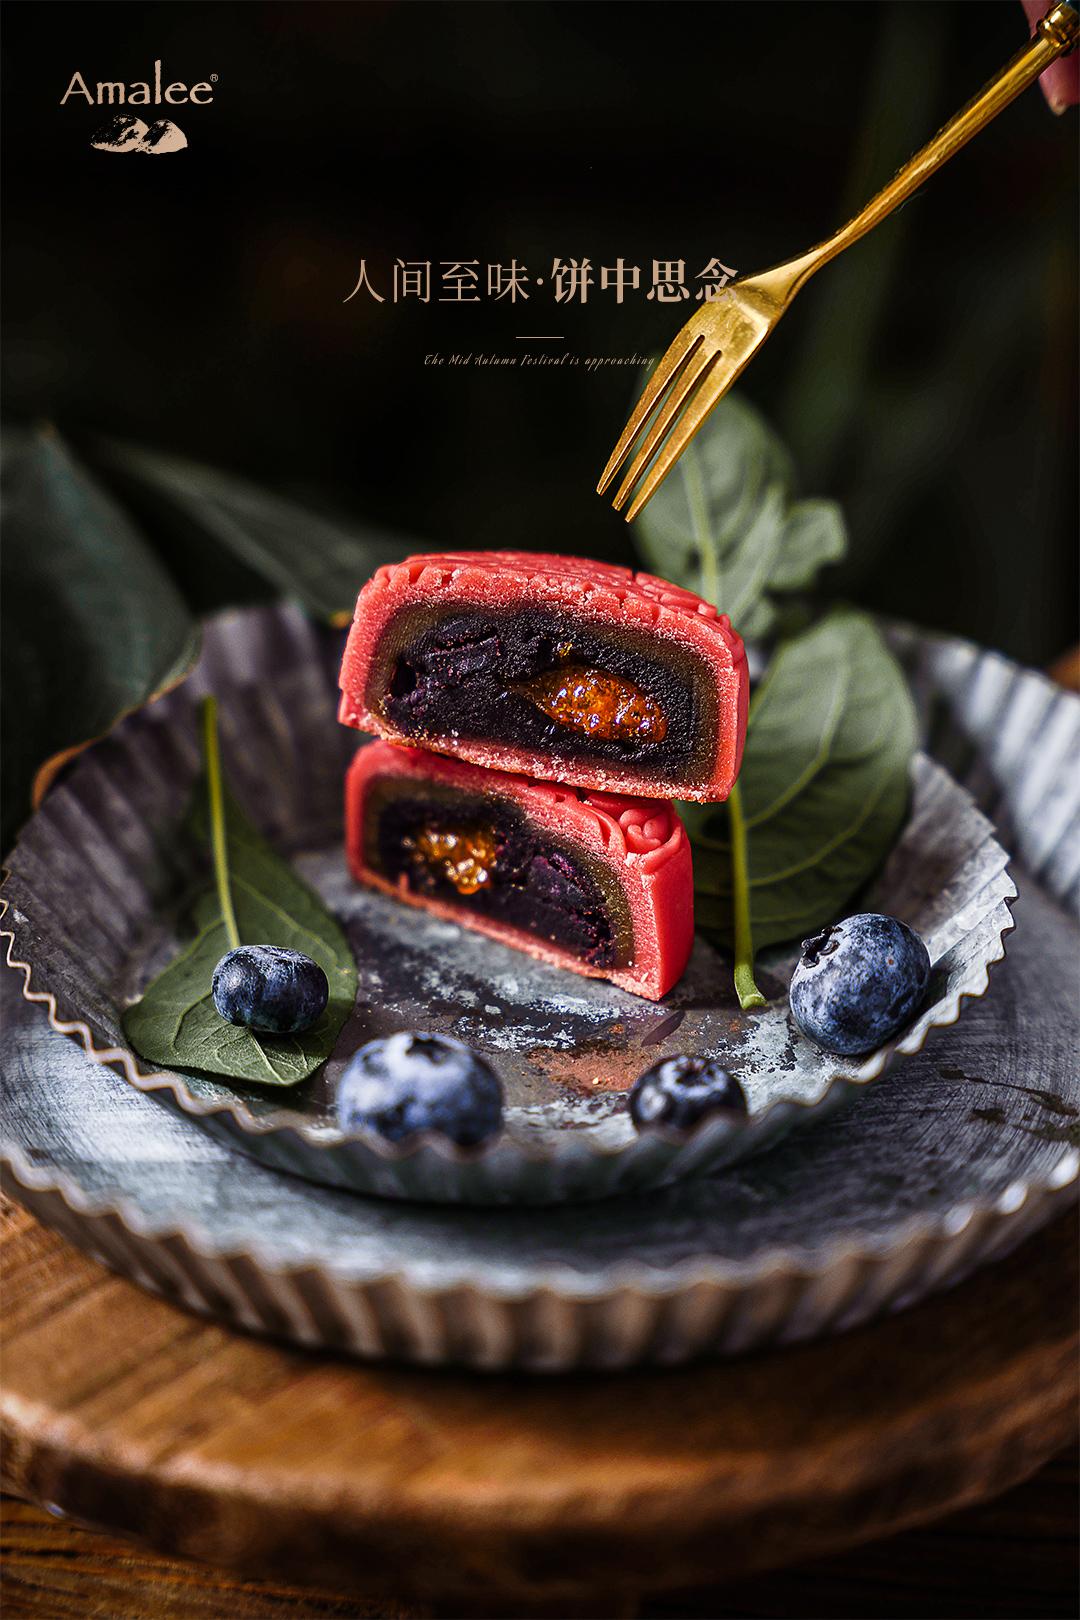 Amalee Birdnest mooncake good taste